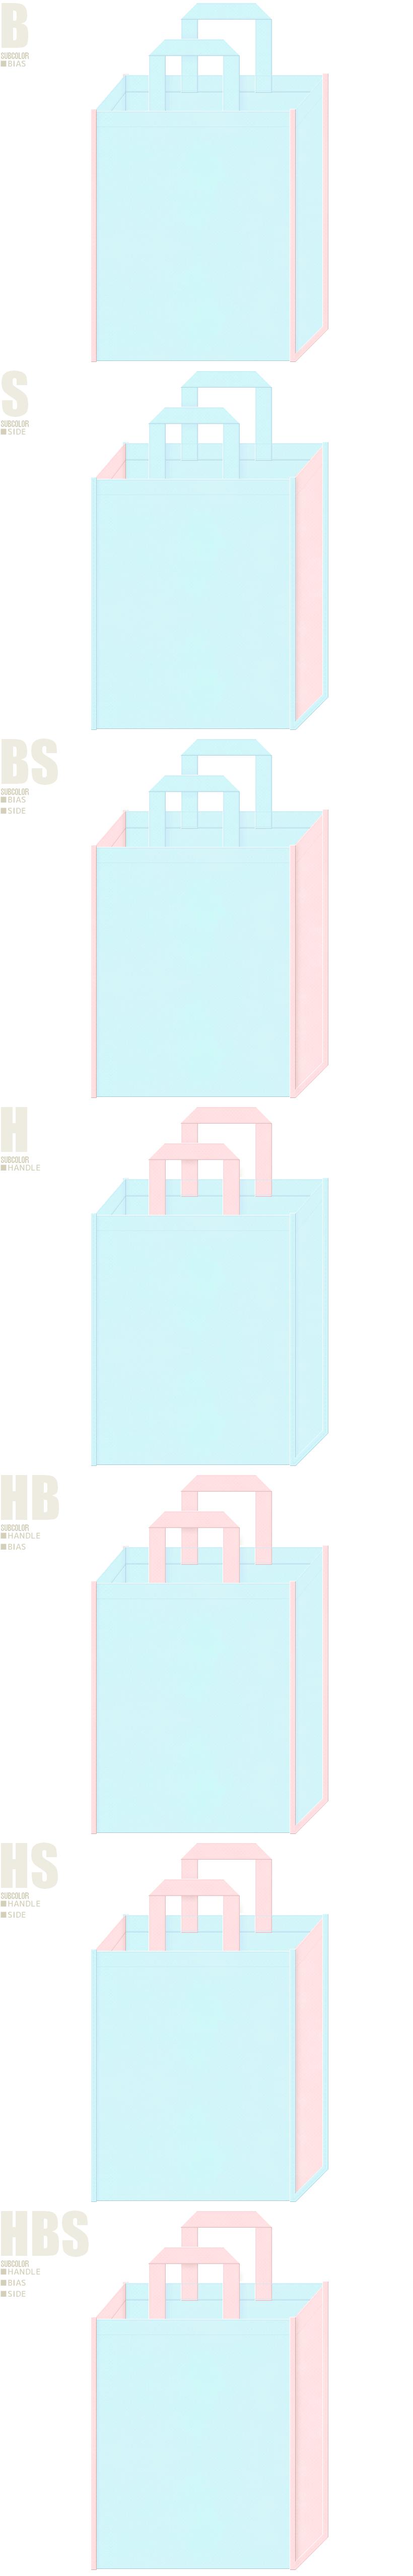 フェミニンファッションの展示会用バッグにお奨めの、水色と桜色-7パターンの不織布トートバッグ配色デザイン例